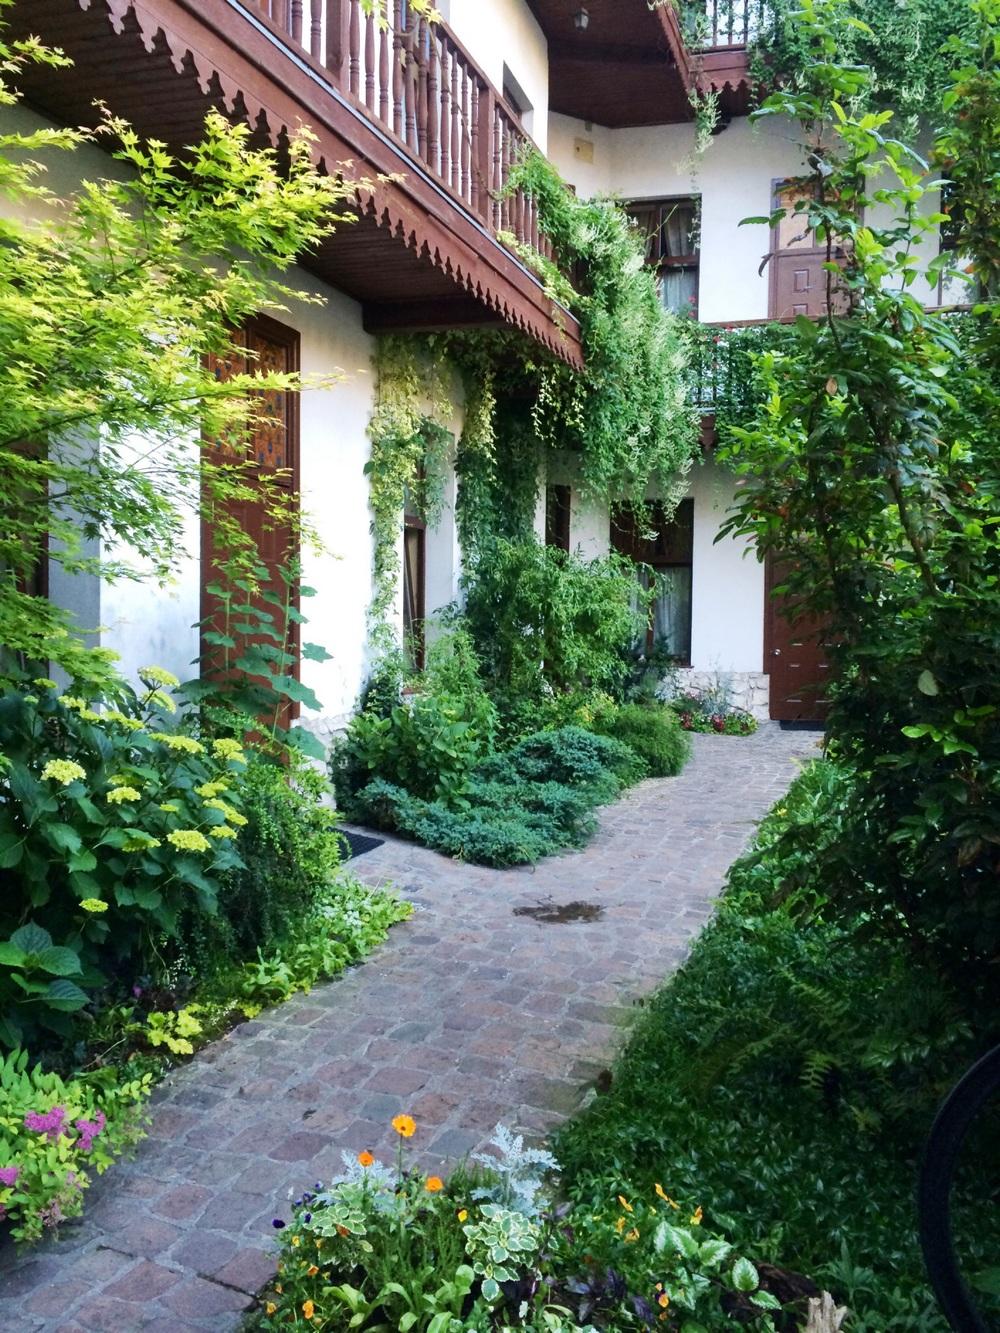 Hotel Globtroter Krakow